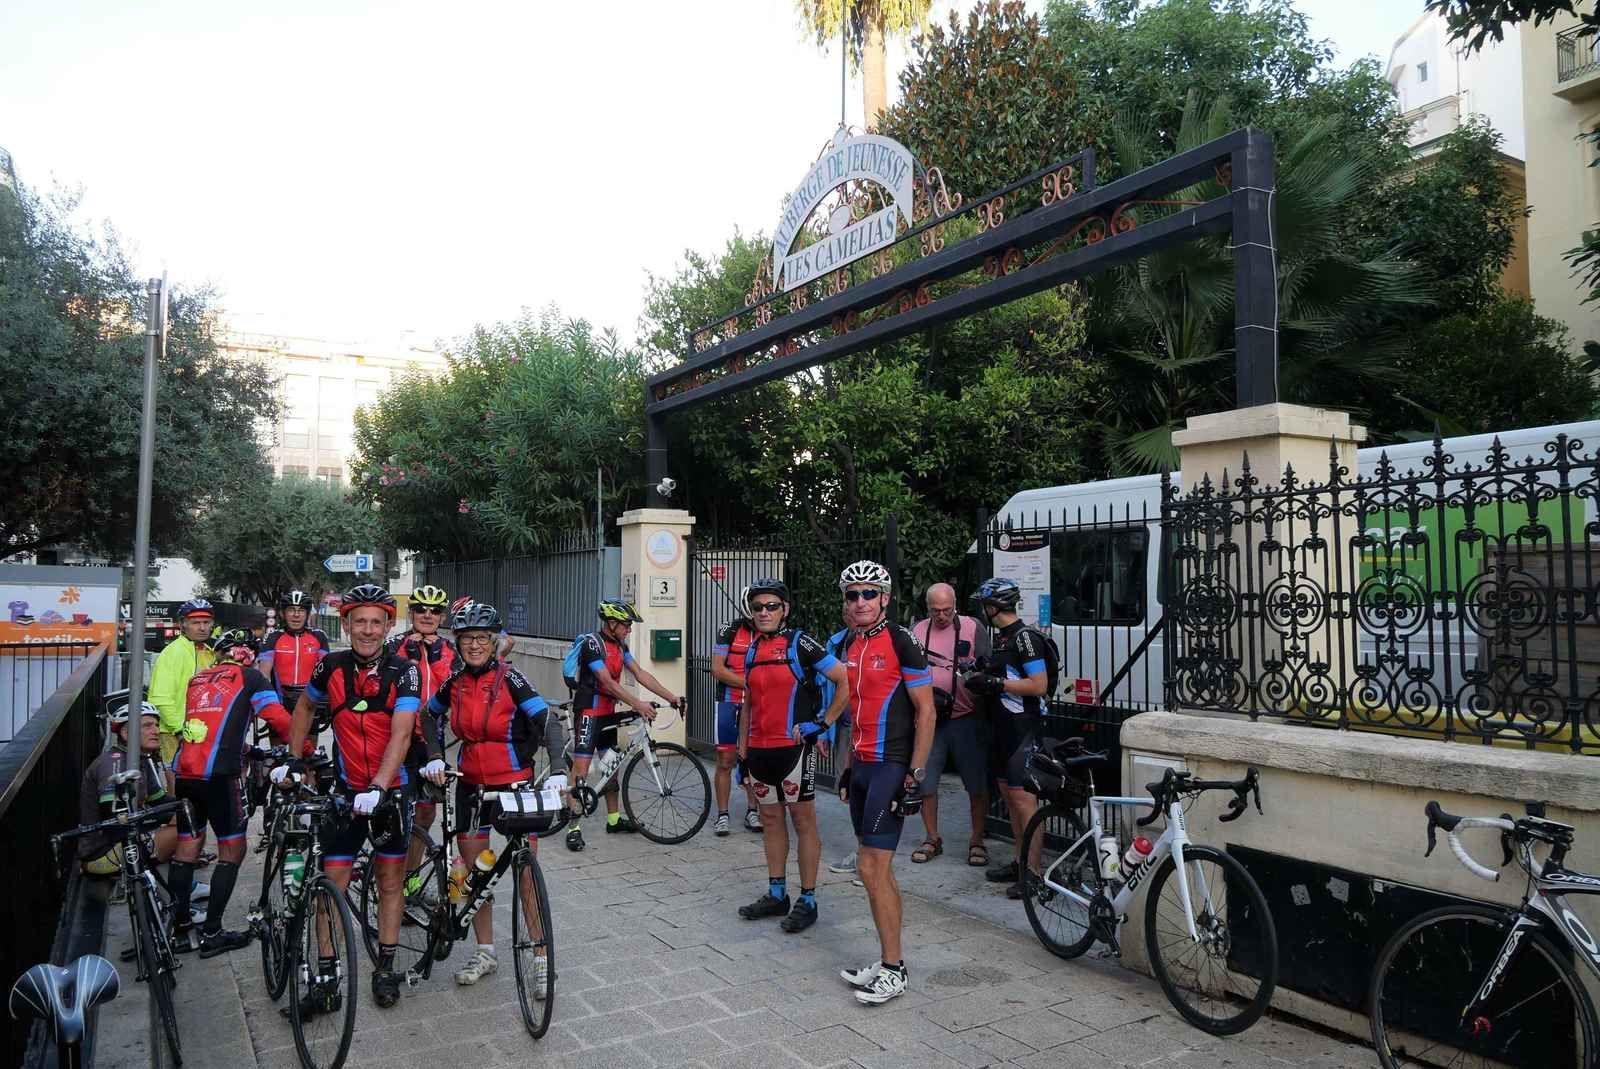 Devant l'Auberge de Jeunesse des Camélias, toute l'équipe est prête à partir.